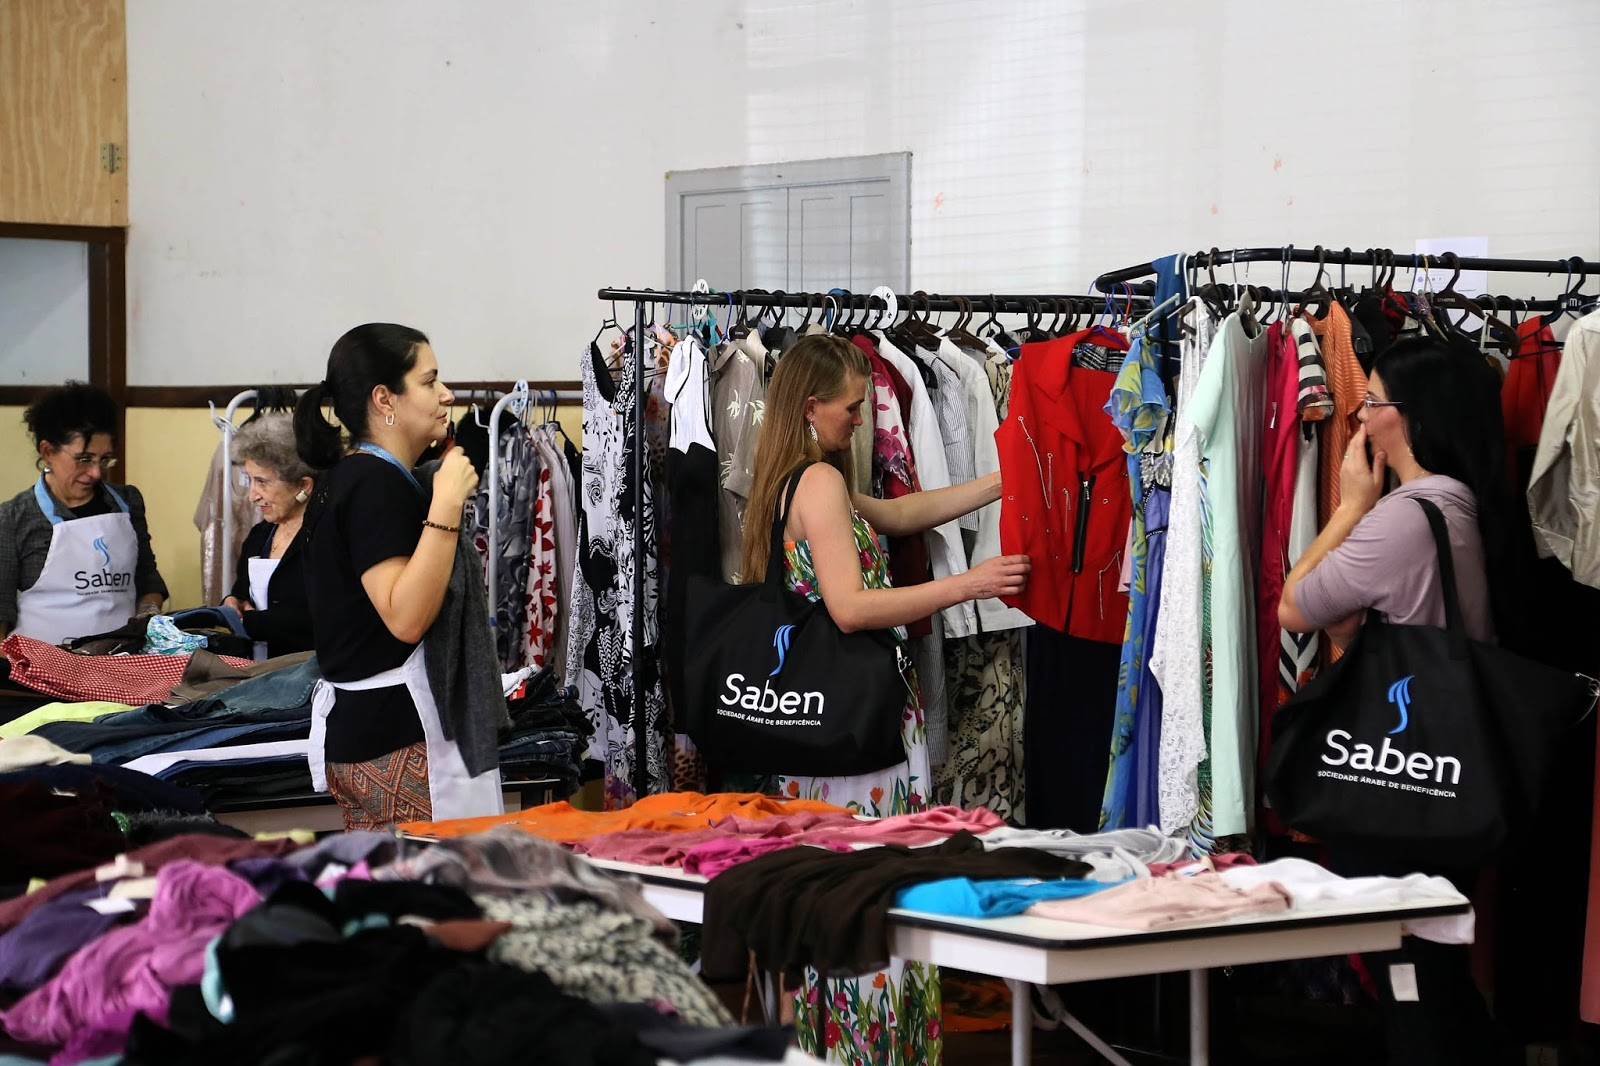 57549a0ef5d48 Organizado pelo Conselho de Senhoras da Saben, o bazar terá cerca de 2 mil  peças à venda, novos e seminovos, masculinas, femininas e infantis.